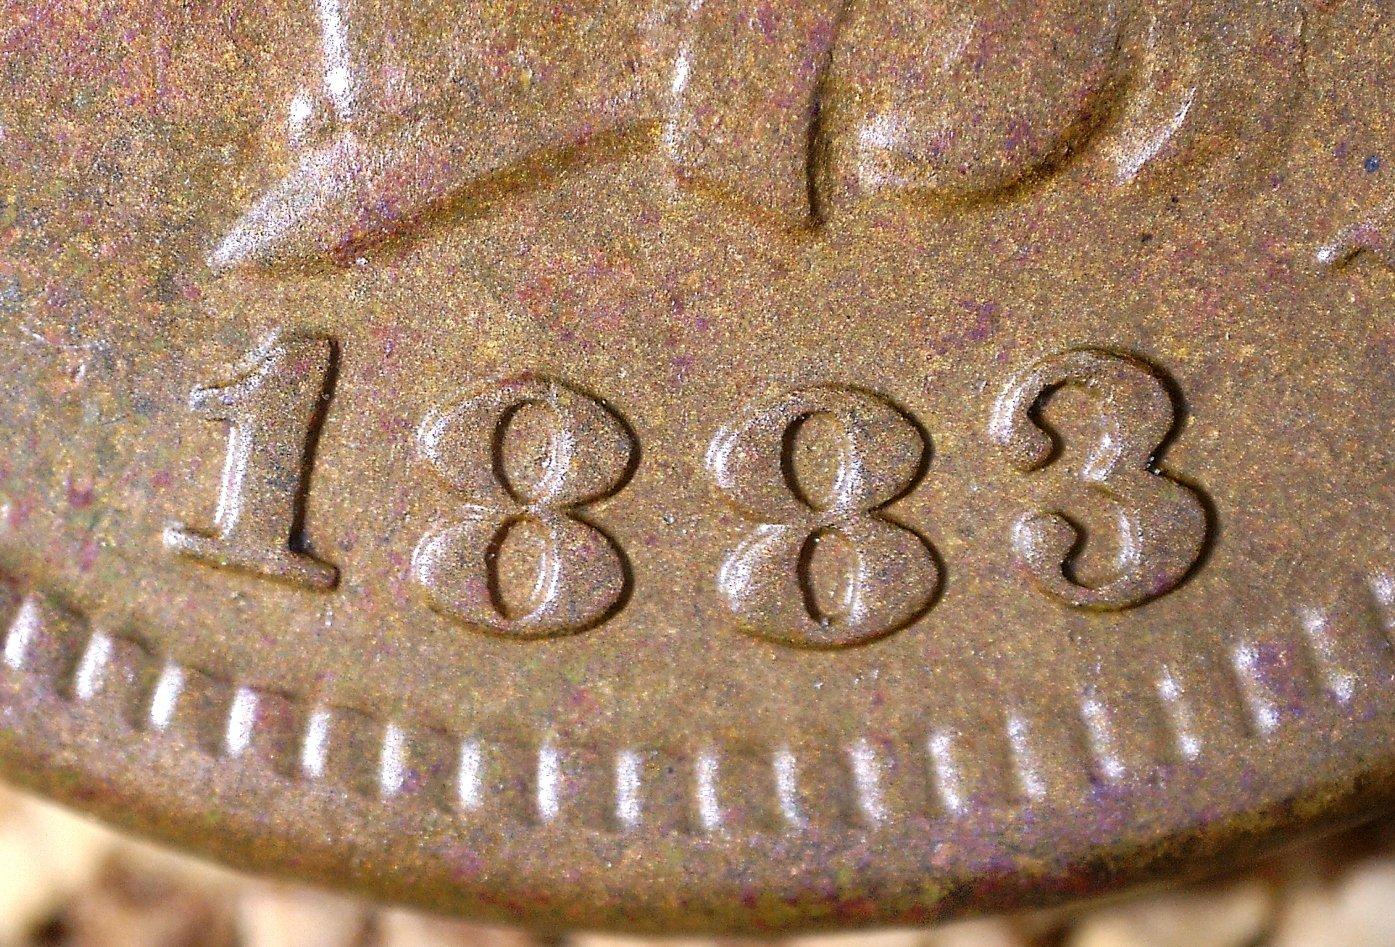 1883 ODD-002 - Indian Head Penny - Photo by David Killough